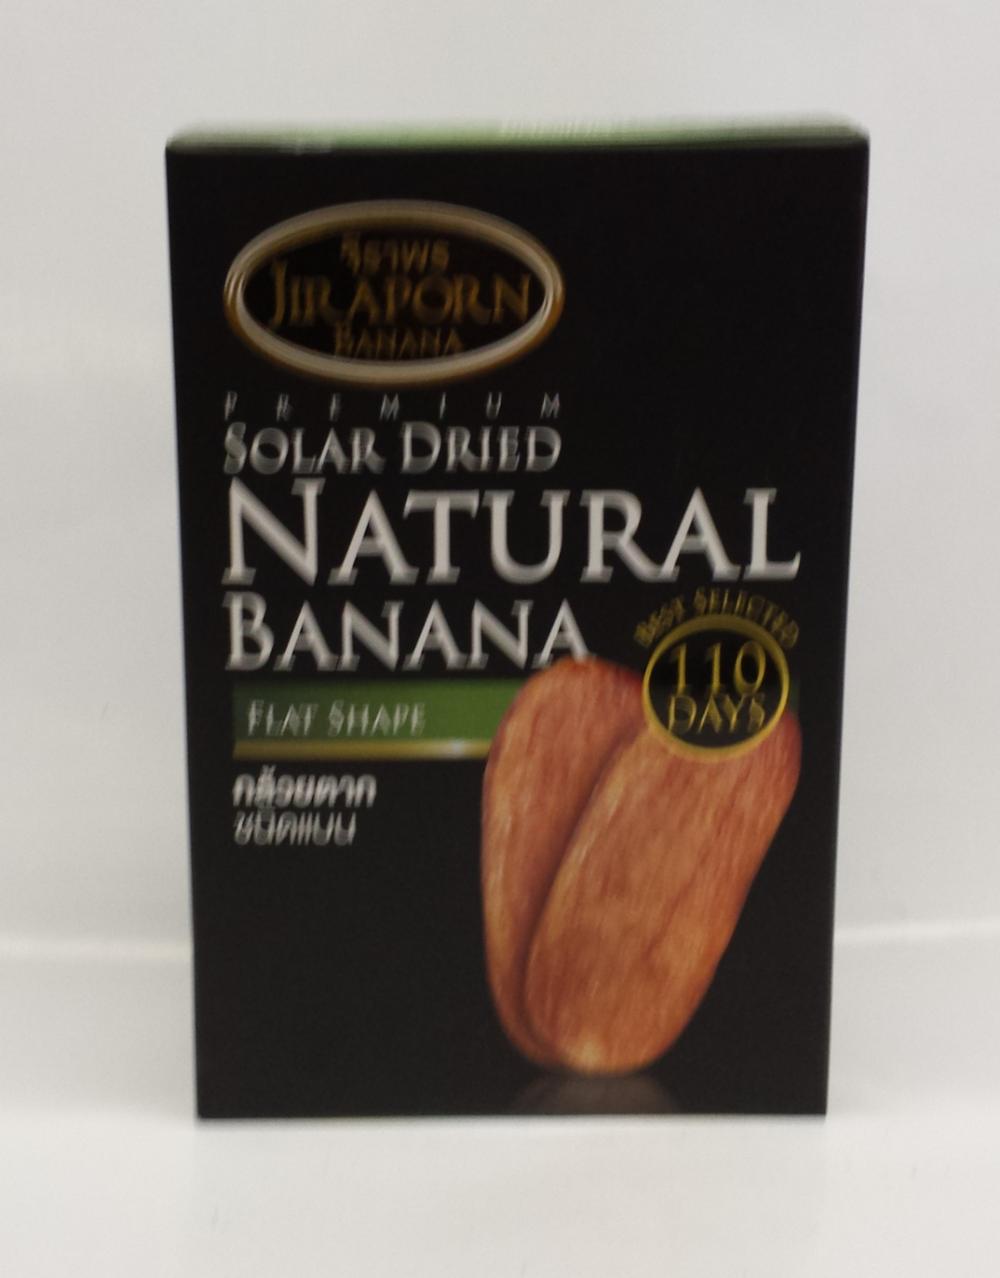 Dried Banana, Natural   Jiraporn   PS11007 20x15.75 oz